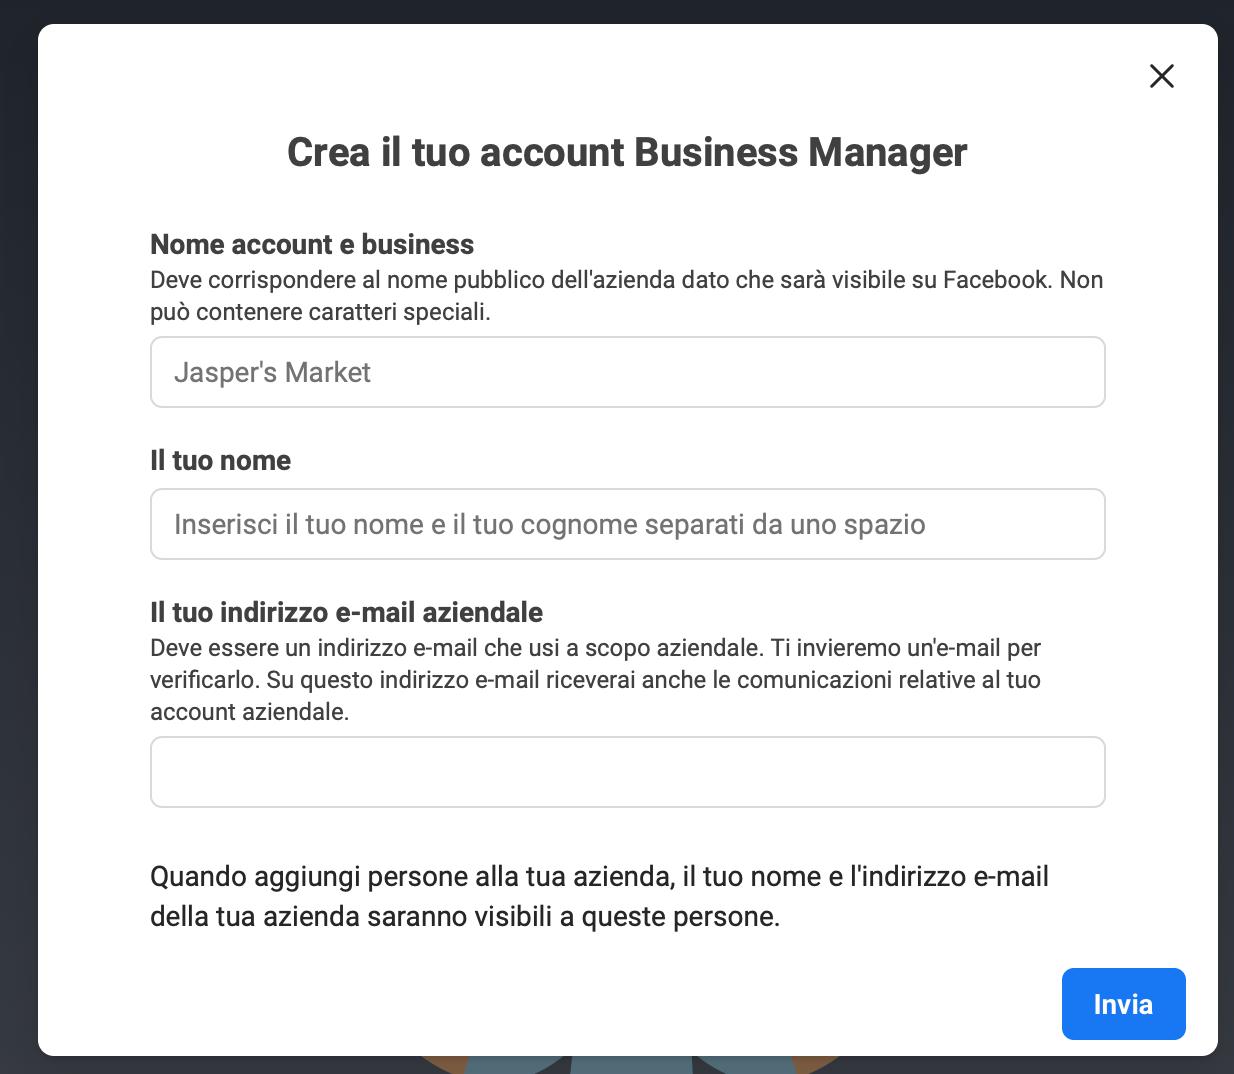 crea il tuo account su facebook business manager